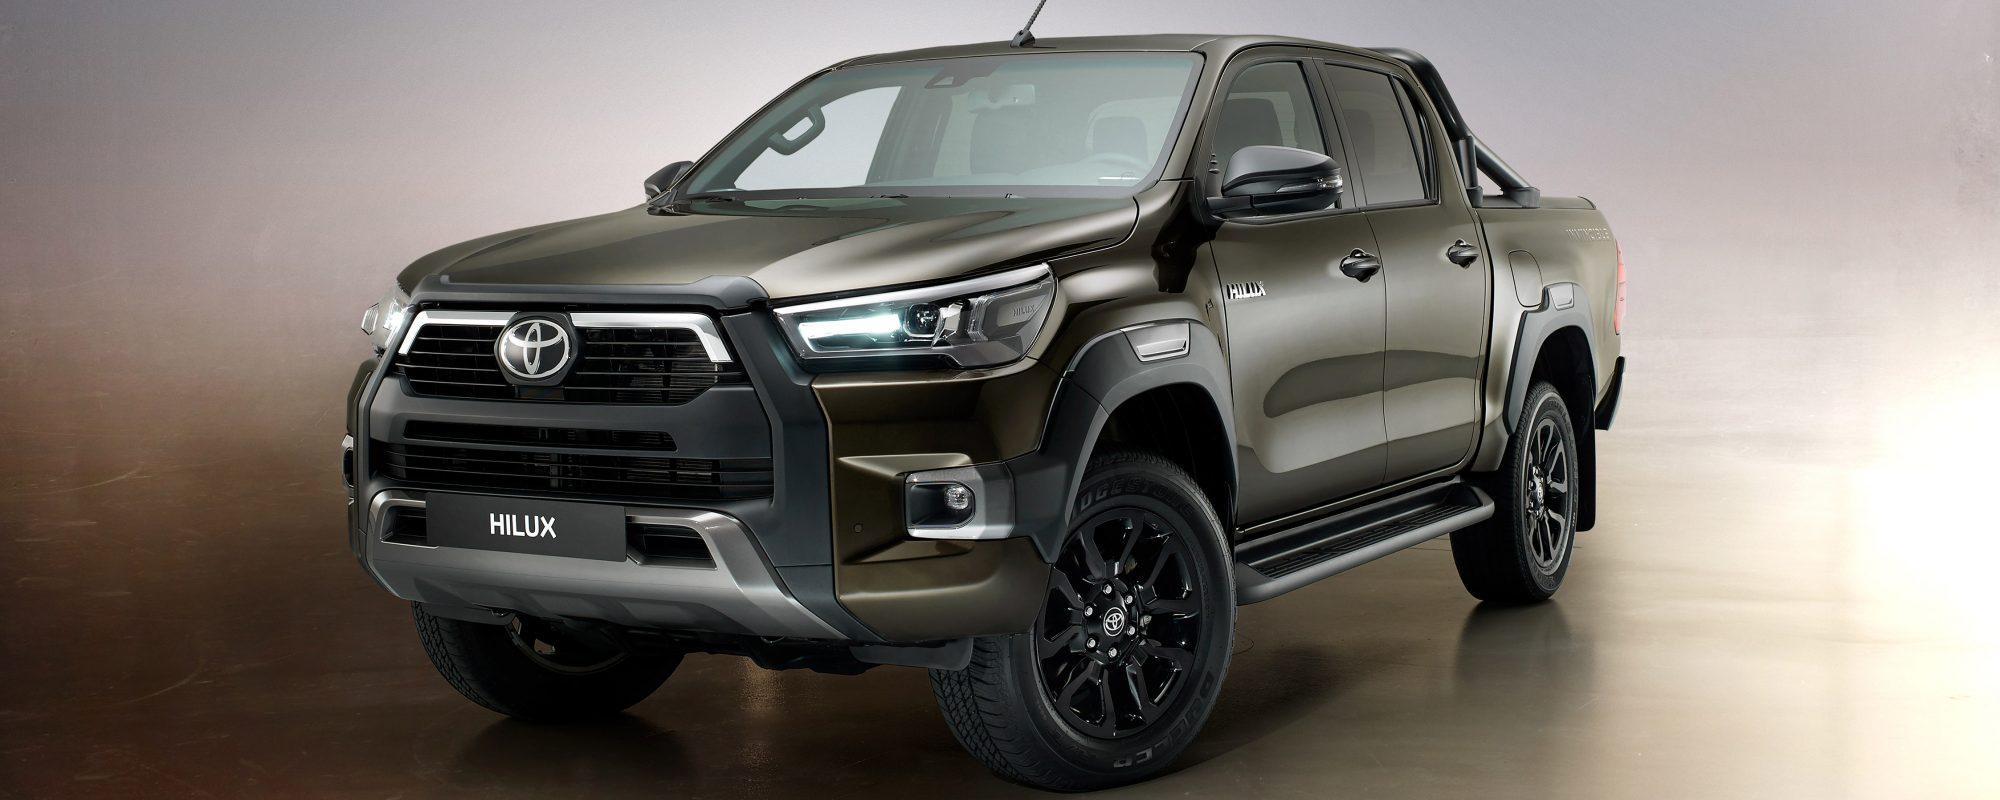 De vernieuwde Toyota Hilux: onoverwinnelijk